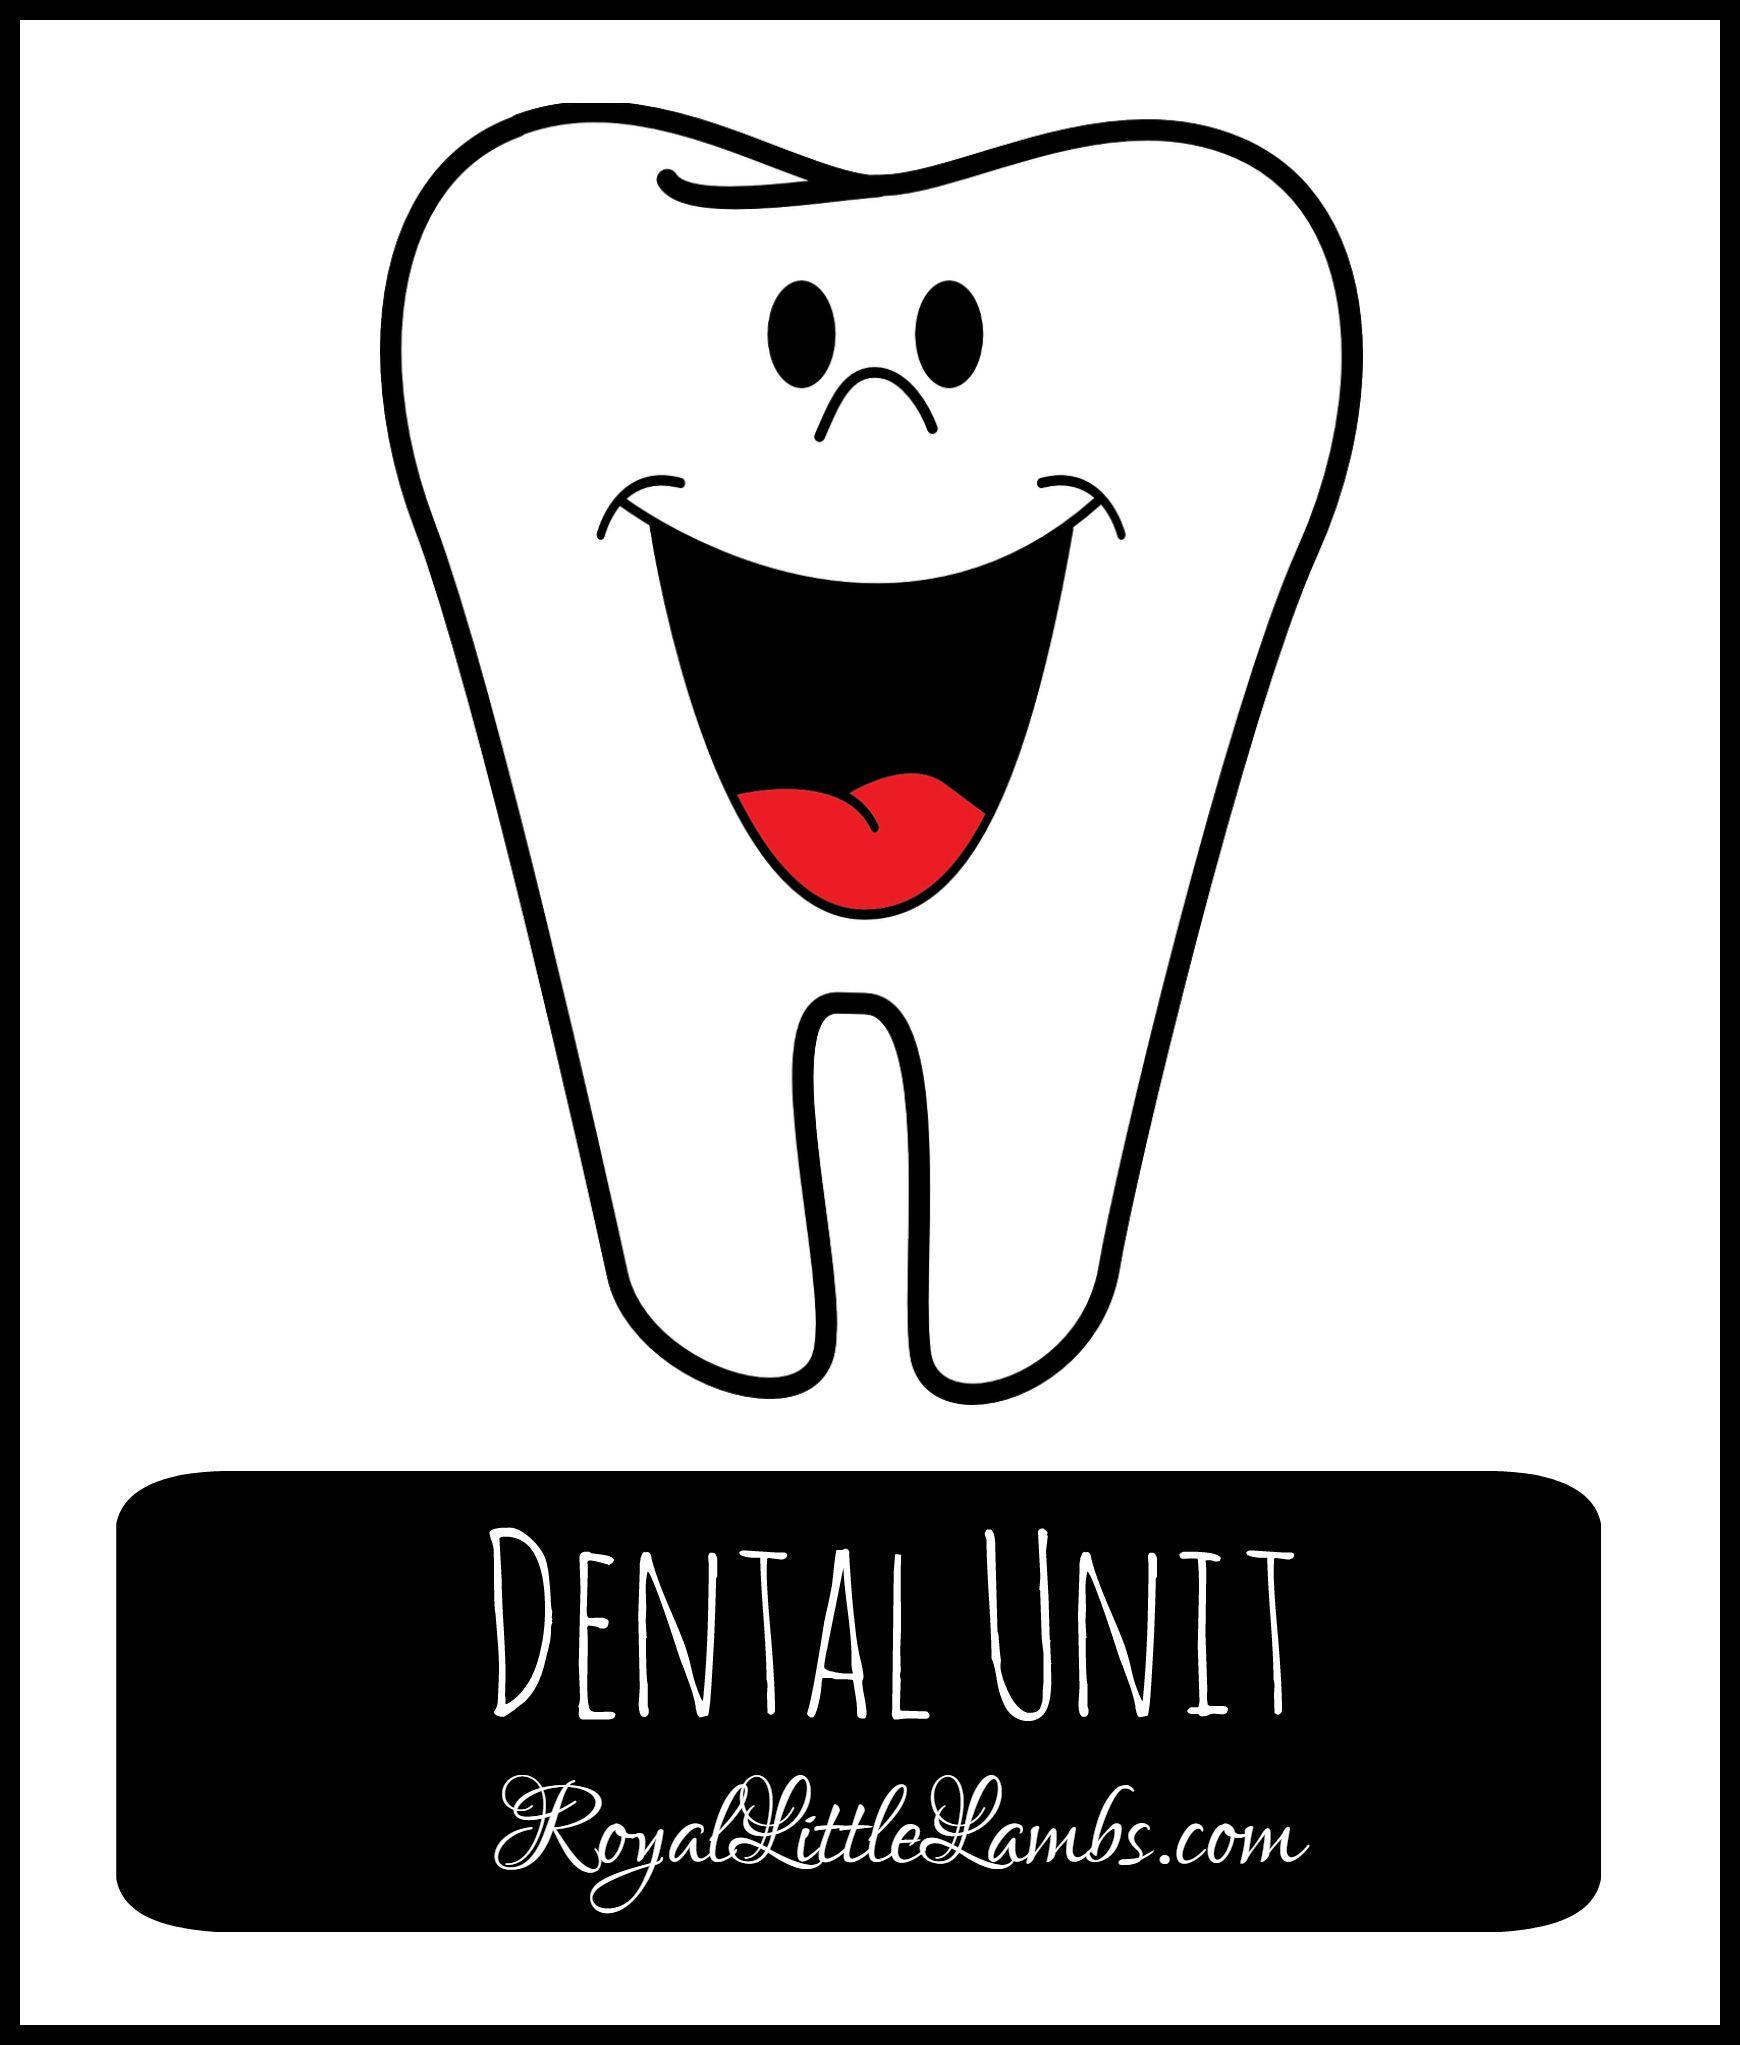 Our Dental Unit